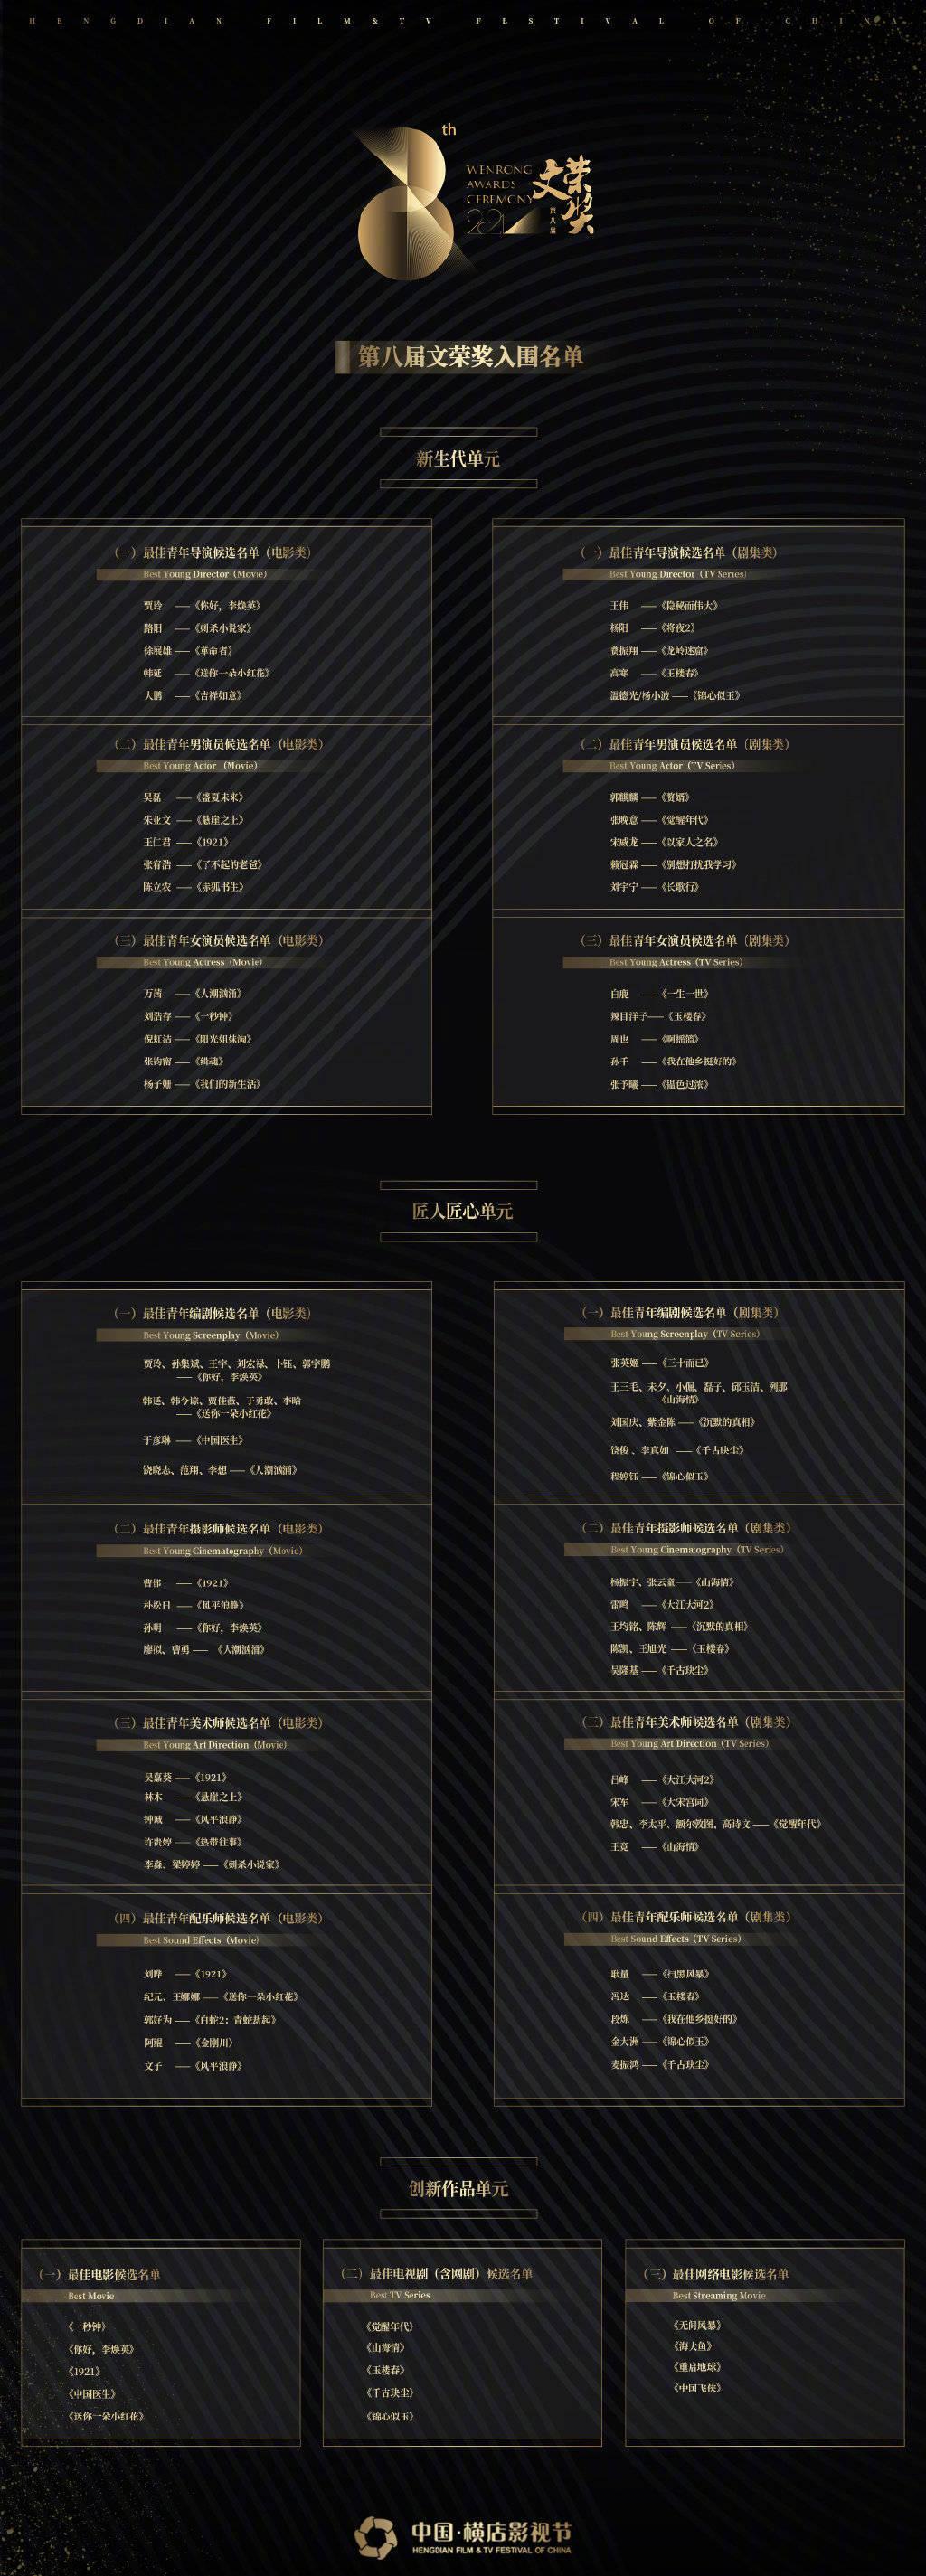 第八届文荣奖入围名单正式发布 刘浩存、万茜等提名青年电影演员